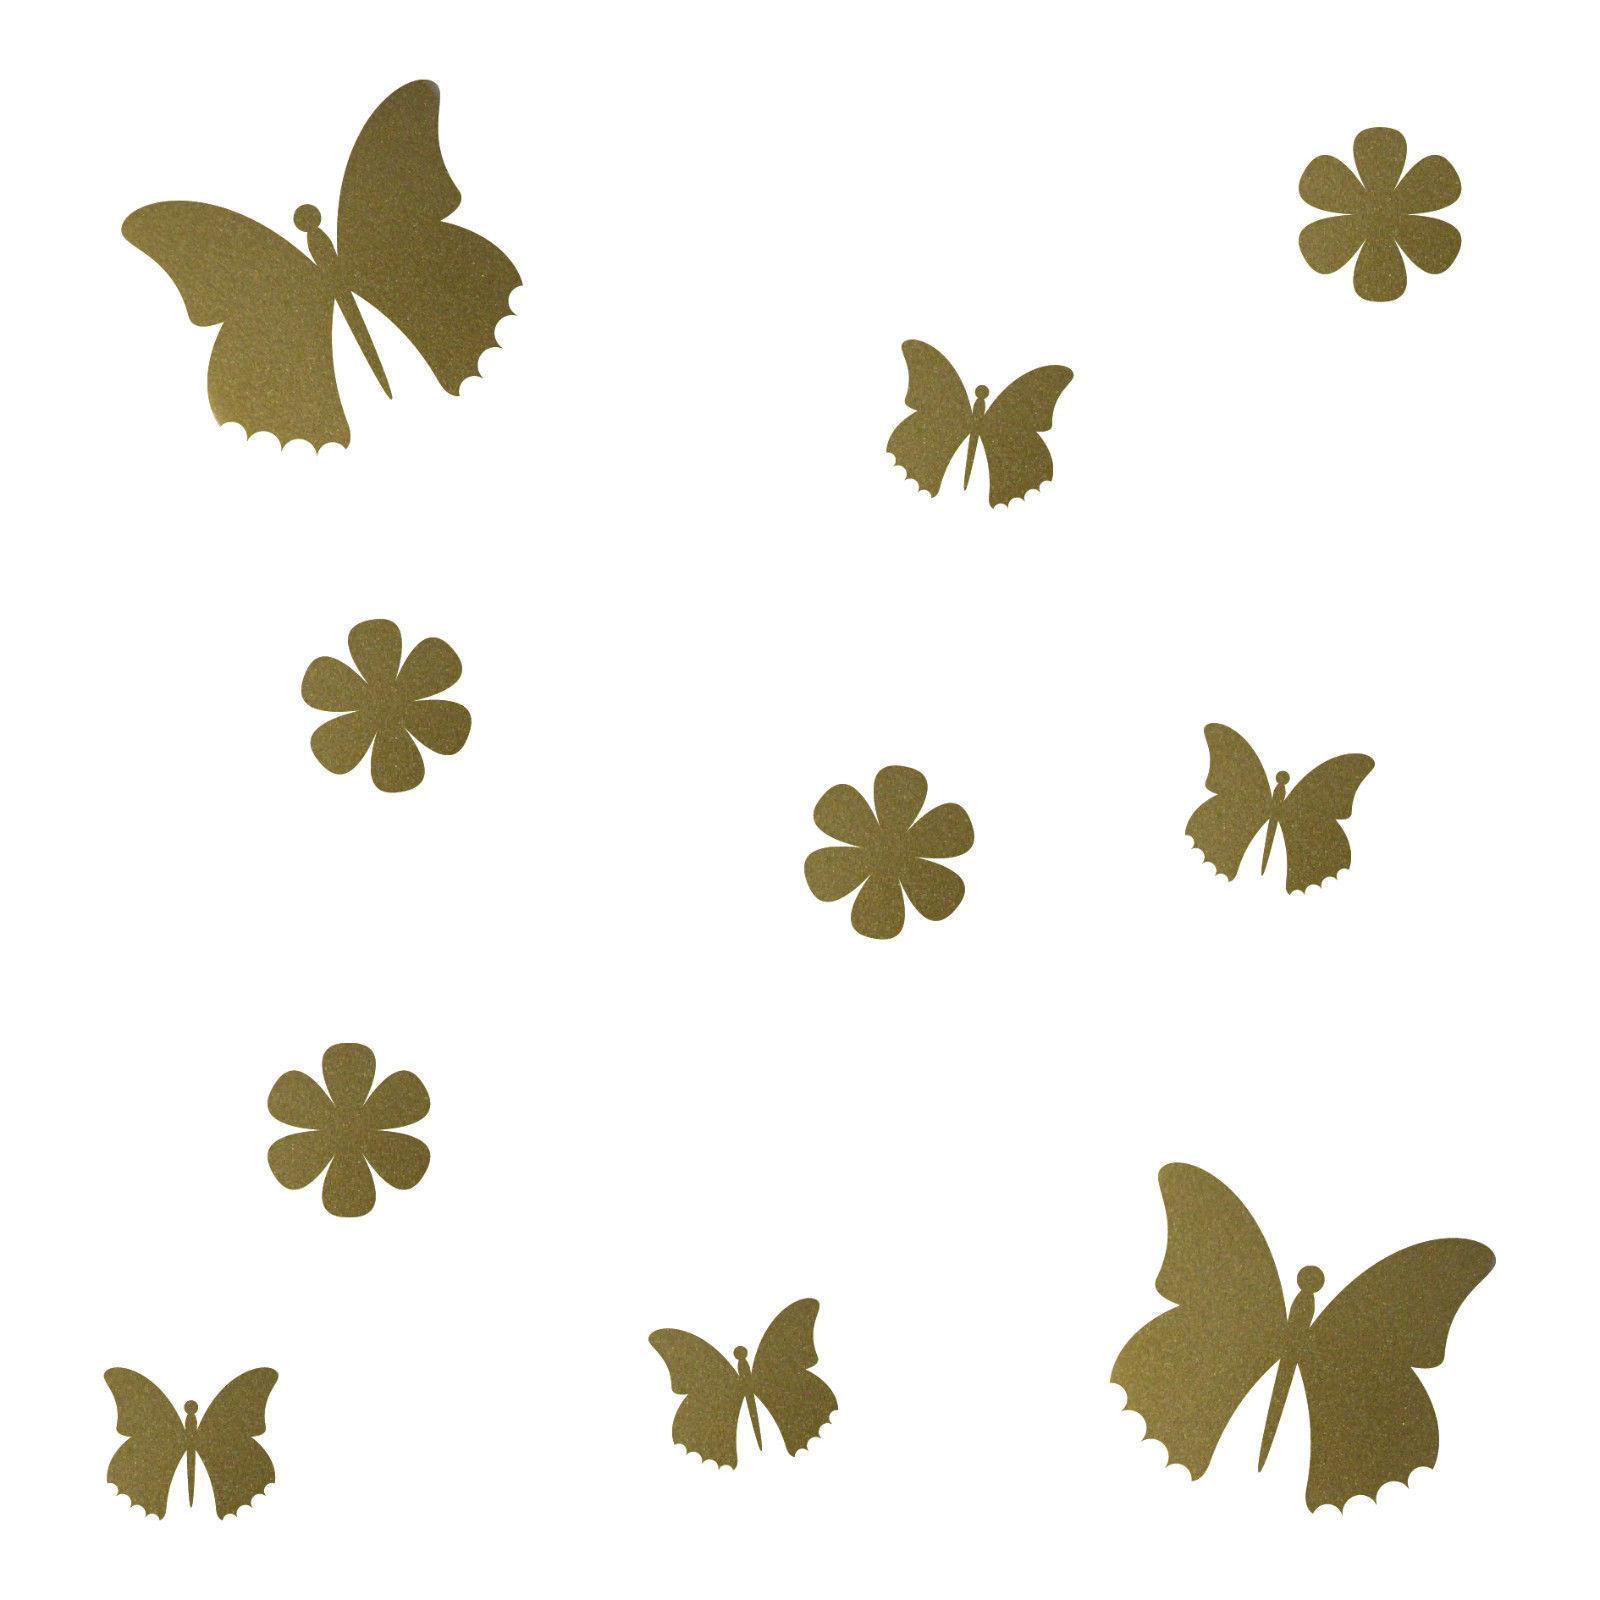 10 aufkleber tattoo gold schmetterlinge blumen auto m bel fenster deko folie kaufen bei green it. Black Bedroom Furniture Sets. Home Design Ideas